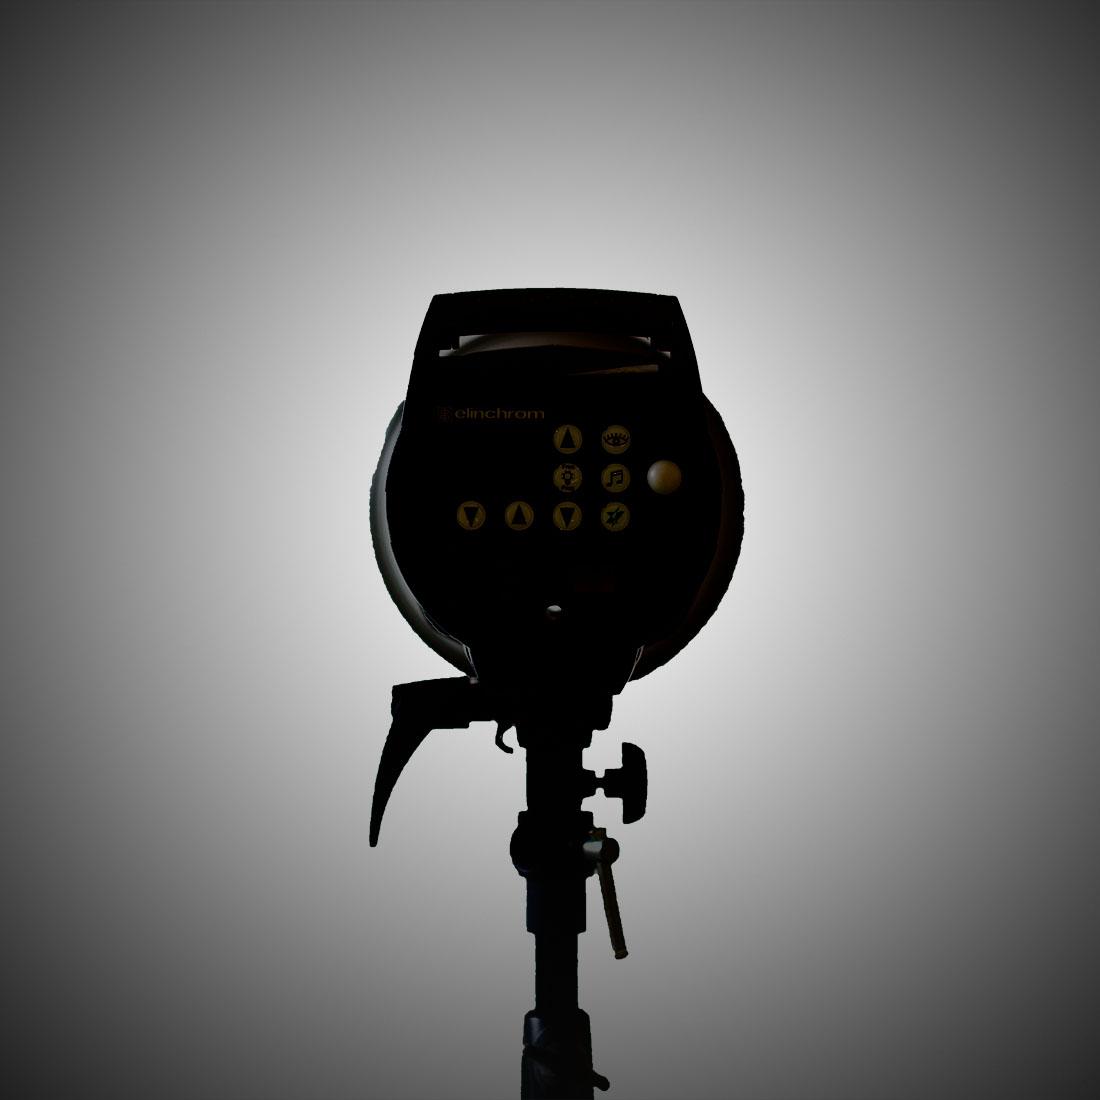 voorbeeld van een studiofoto een reflector